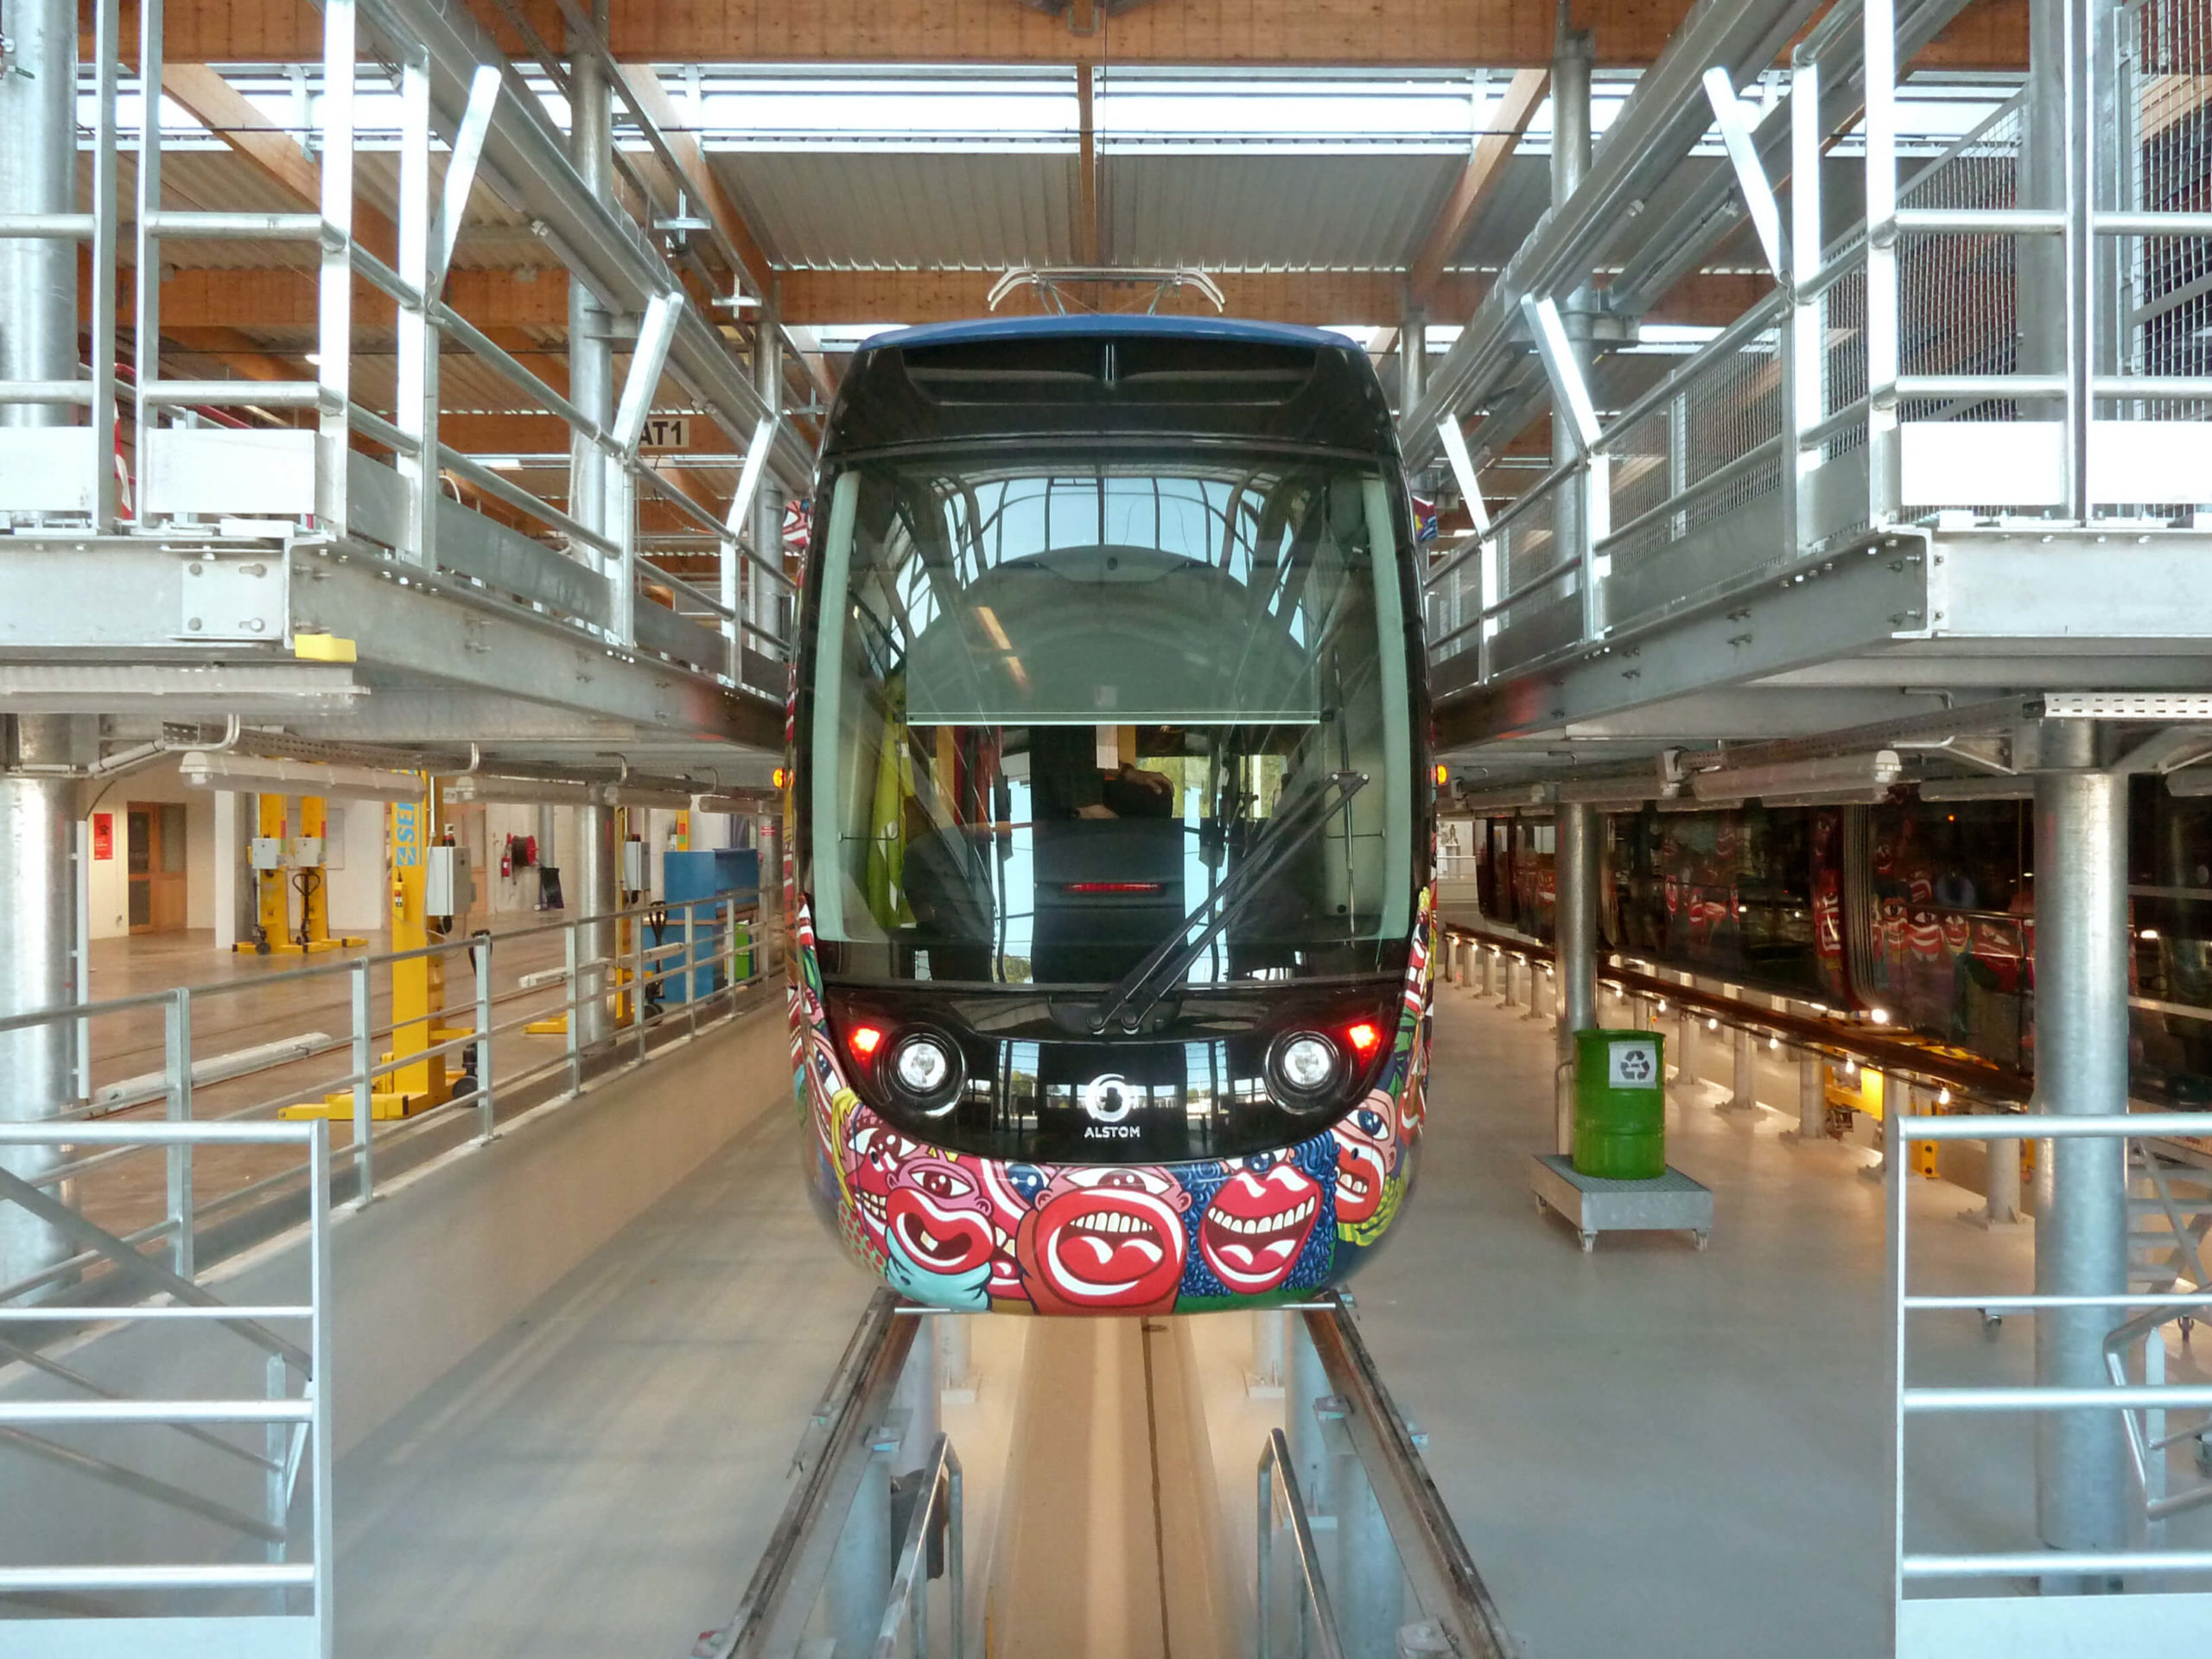 Dépôt tramway de Aubagne